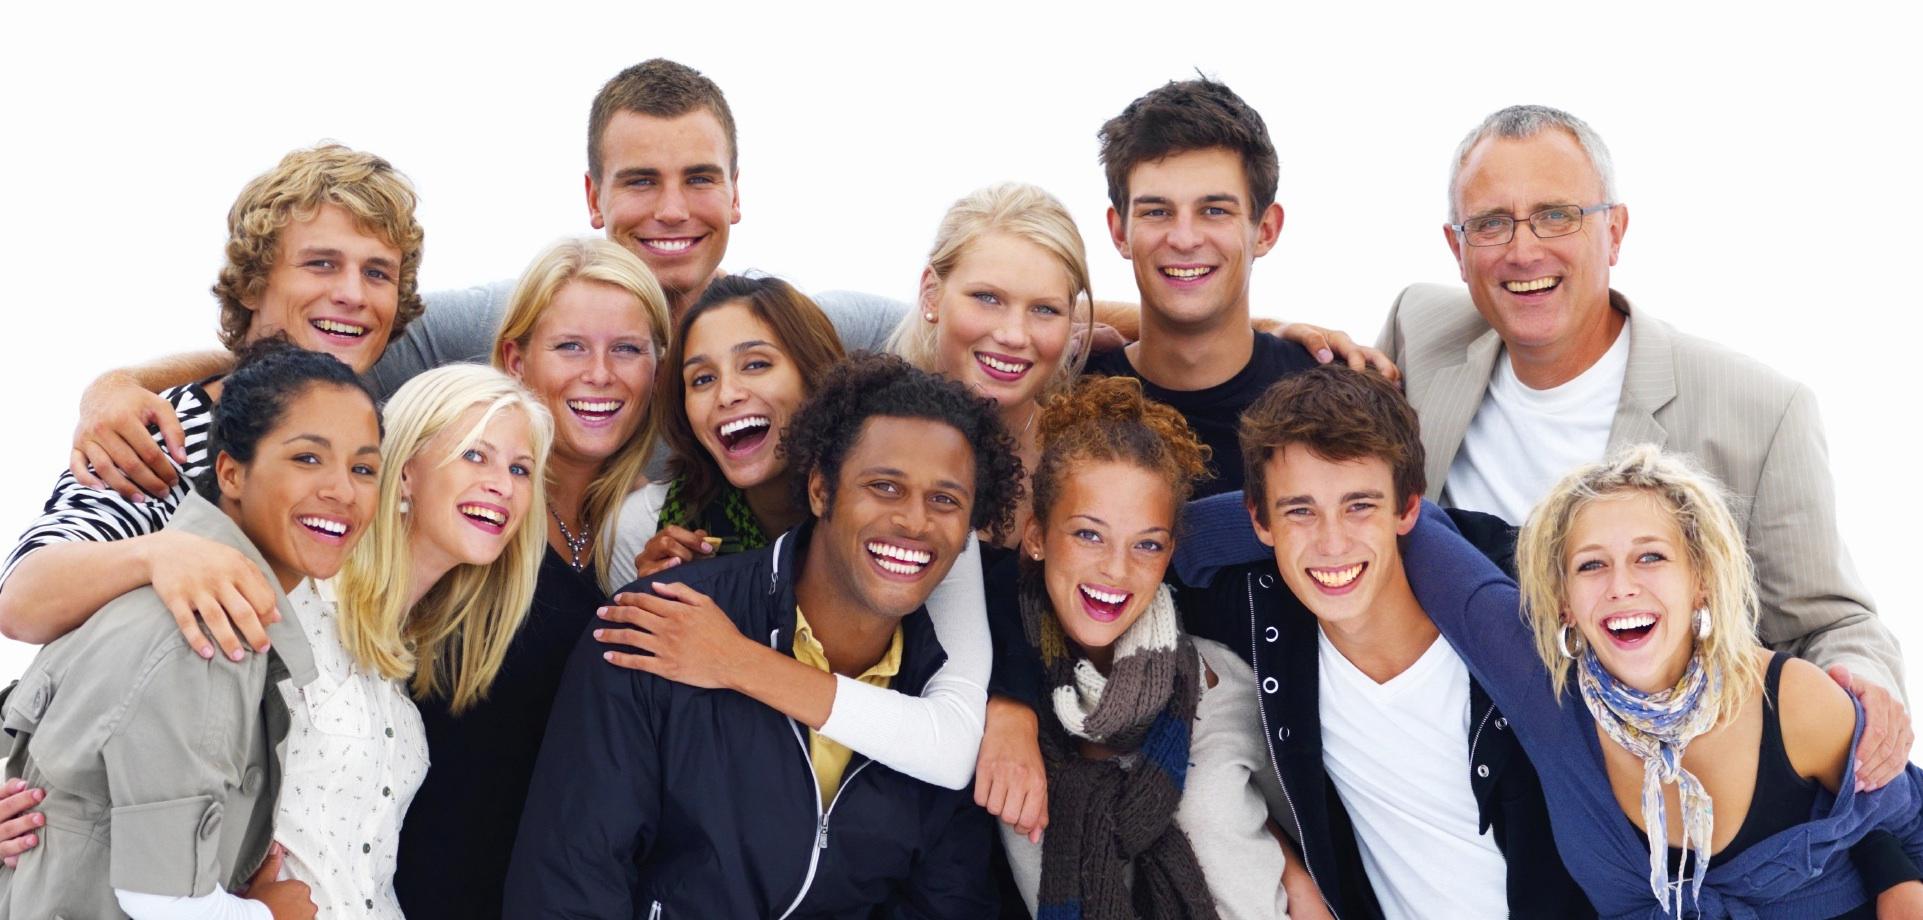 """Estudo mostra que diferença entre ricos e pobres é de """"oito dentes"""""""